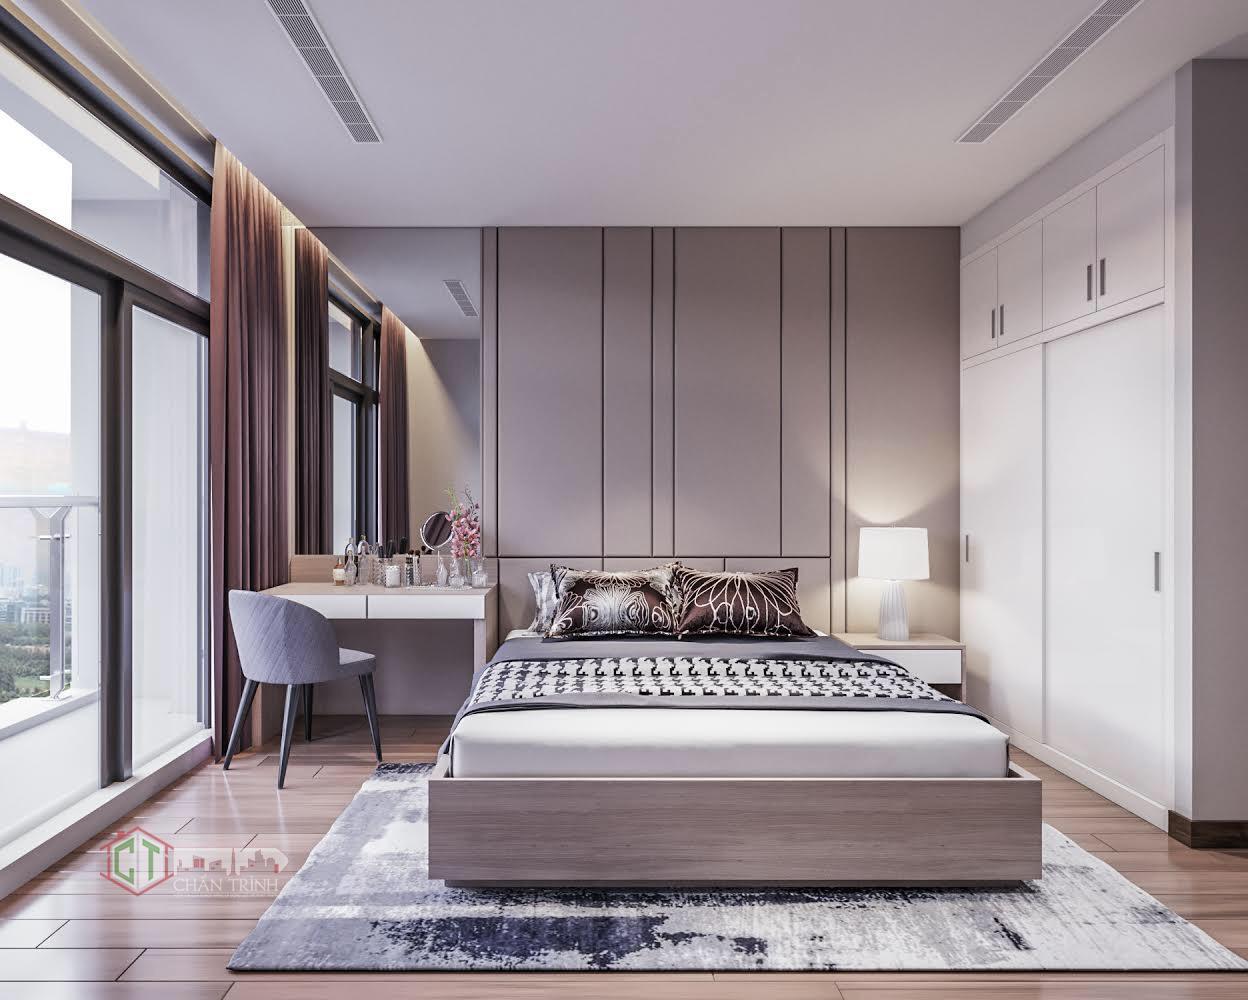 Căn hộ 2 phòng ngủ Vinhomes Central Park cho thuê full nội thất